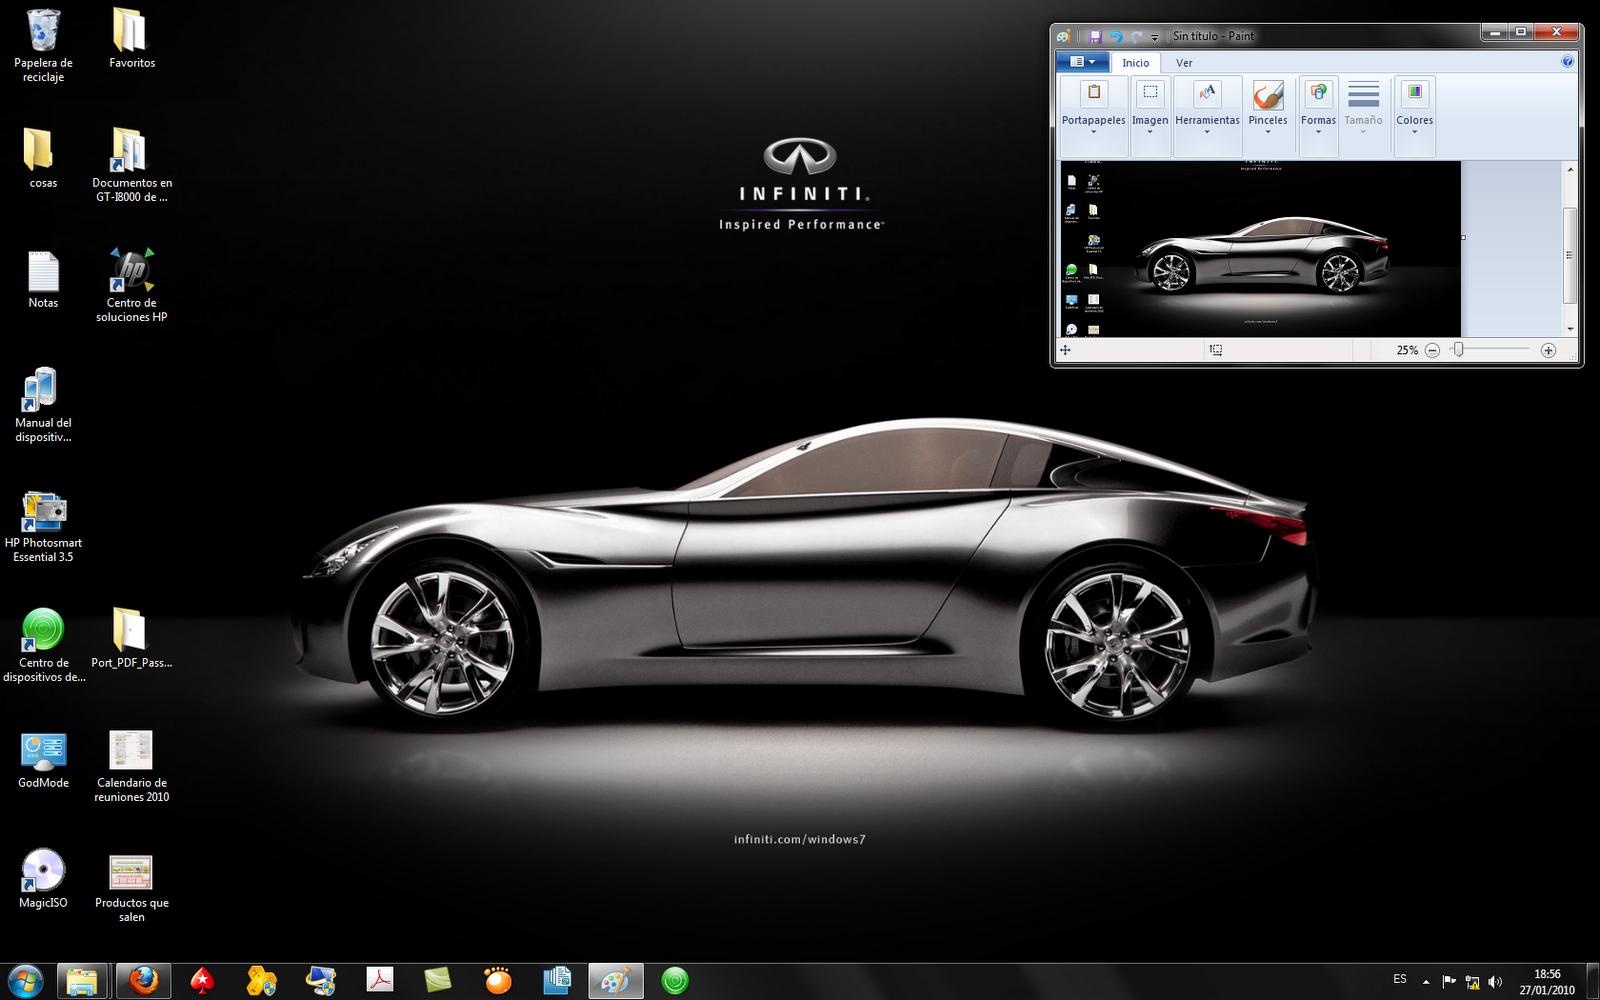 Descargar imagenes con movimiento para fondo de pantalla for Bajar fondos de pantalla con movimiento gratis para pc